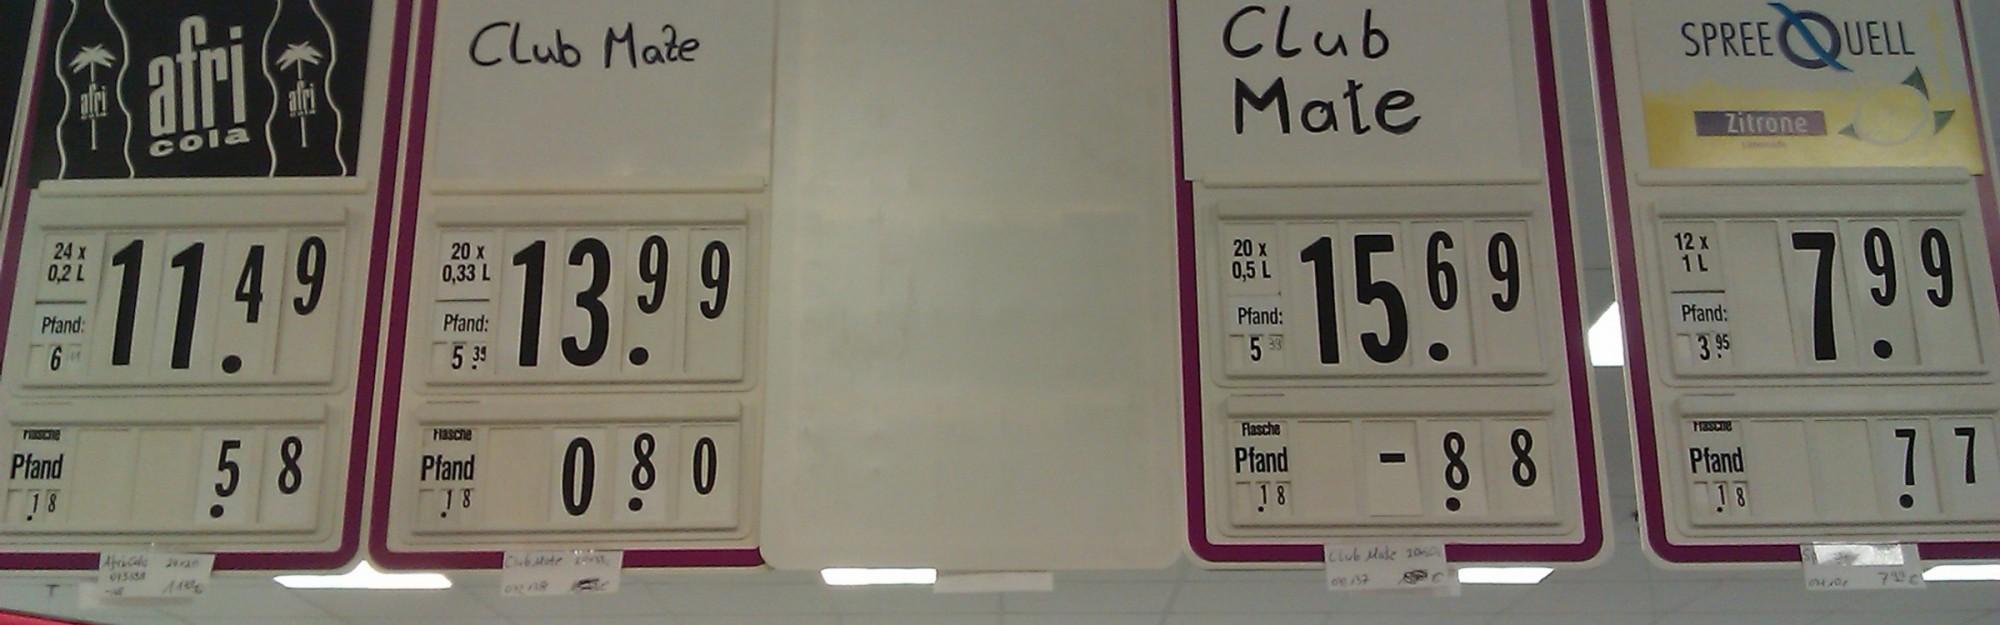 Seit wann gibt es Etiketten?